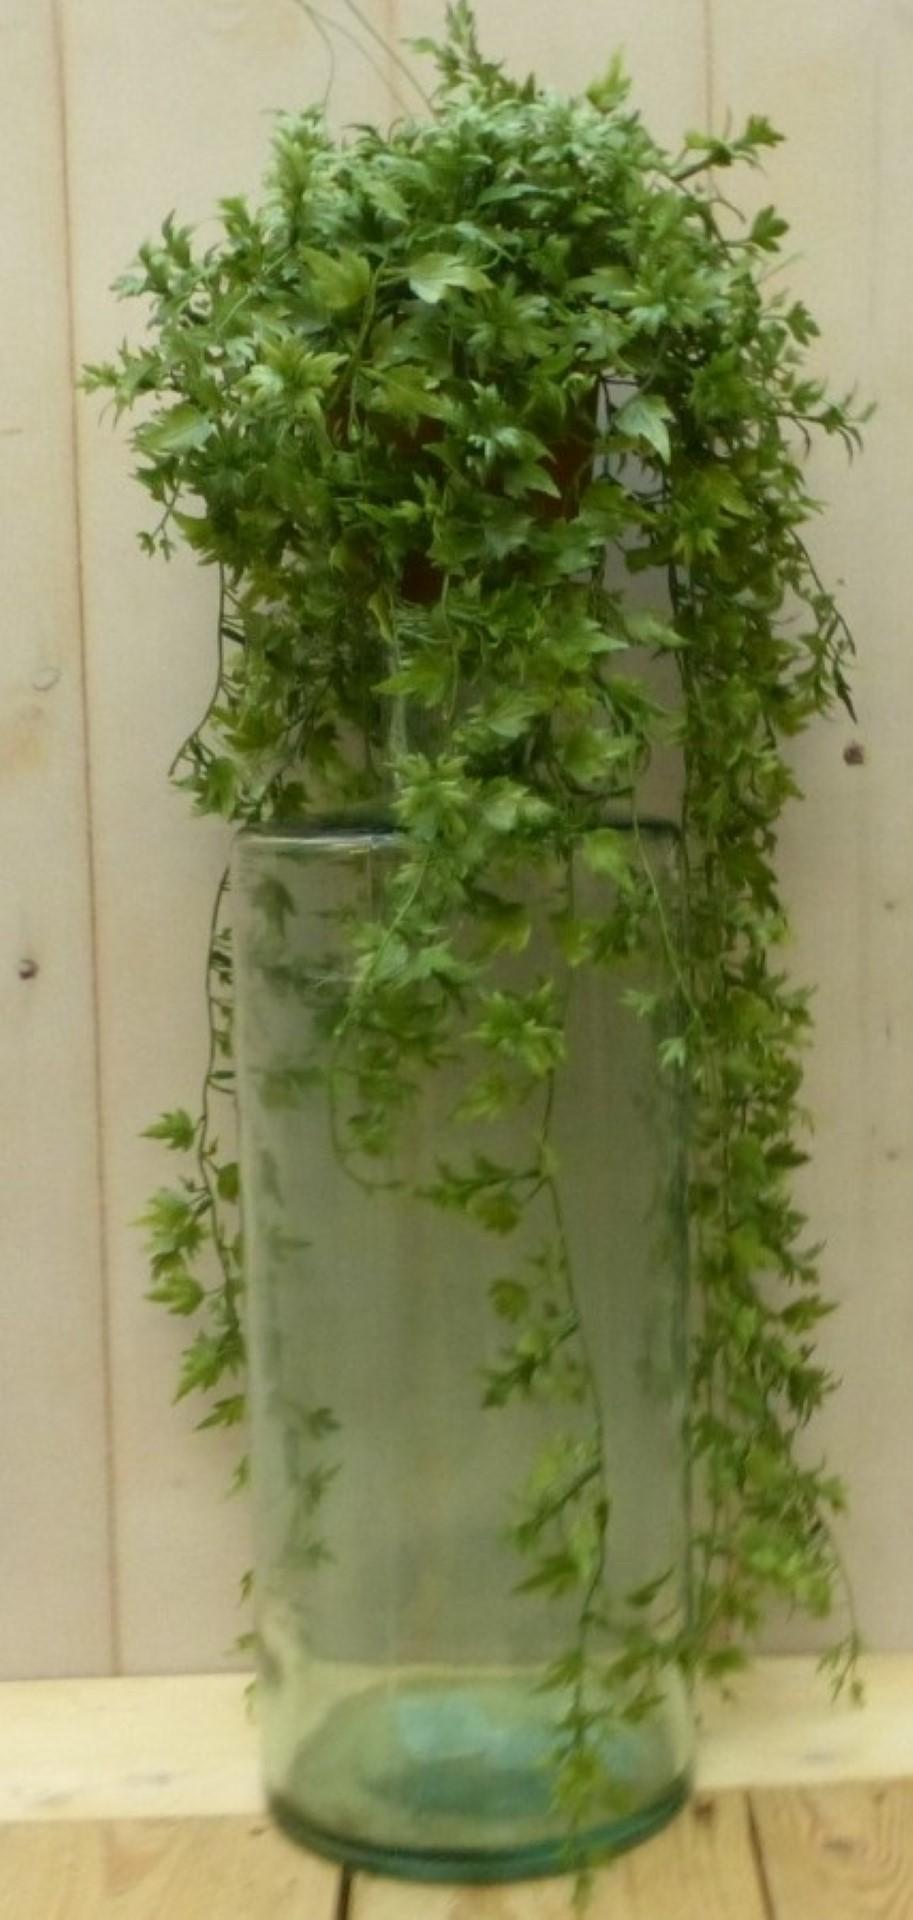 Kunsthangplantje groen met grote bladeren in hangpotje 40 cm